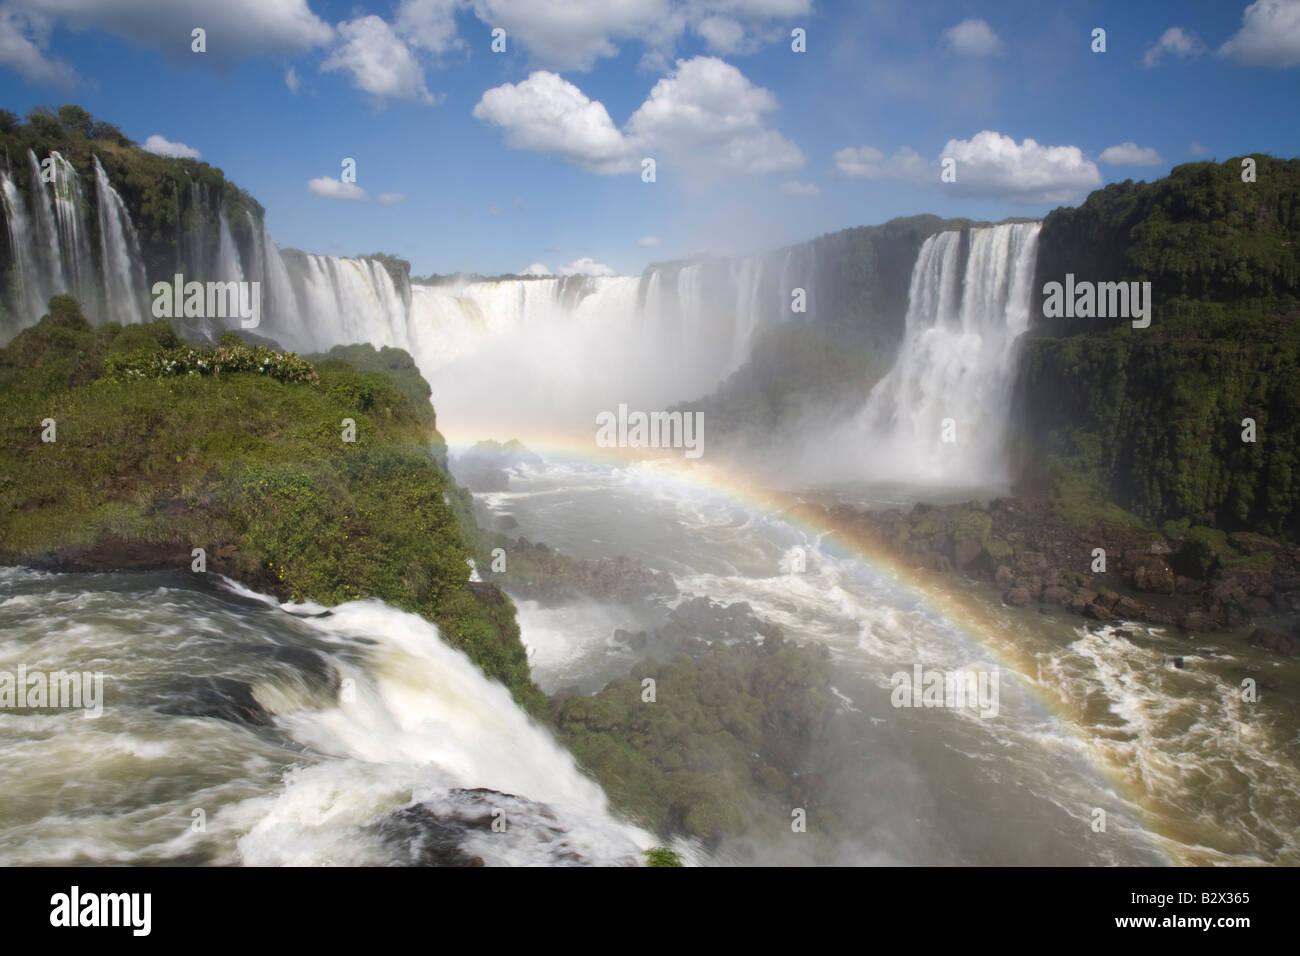 Parque Nacional Do Iguacu Brazil - Stock Image